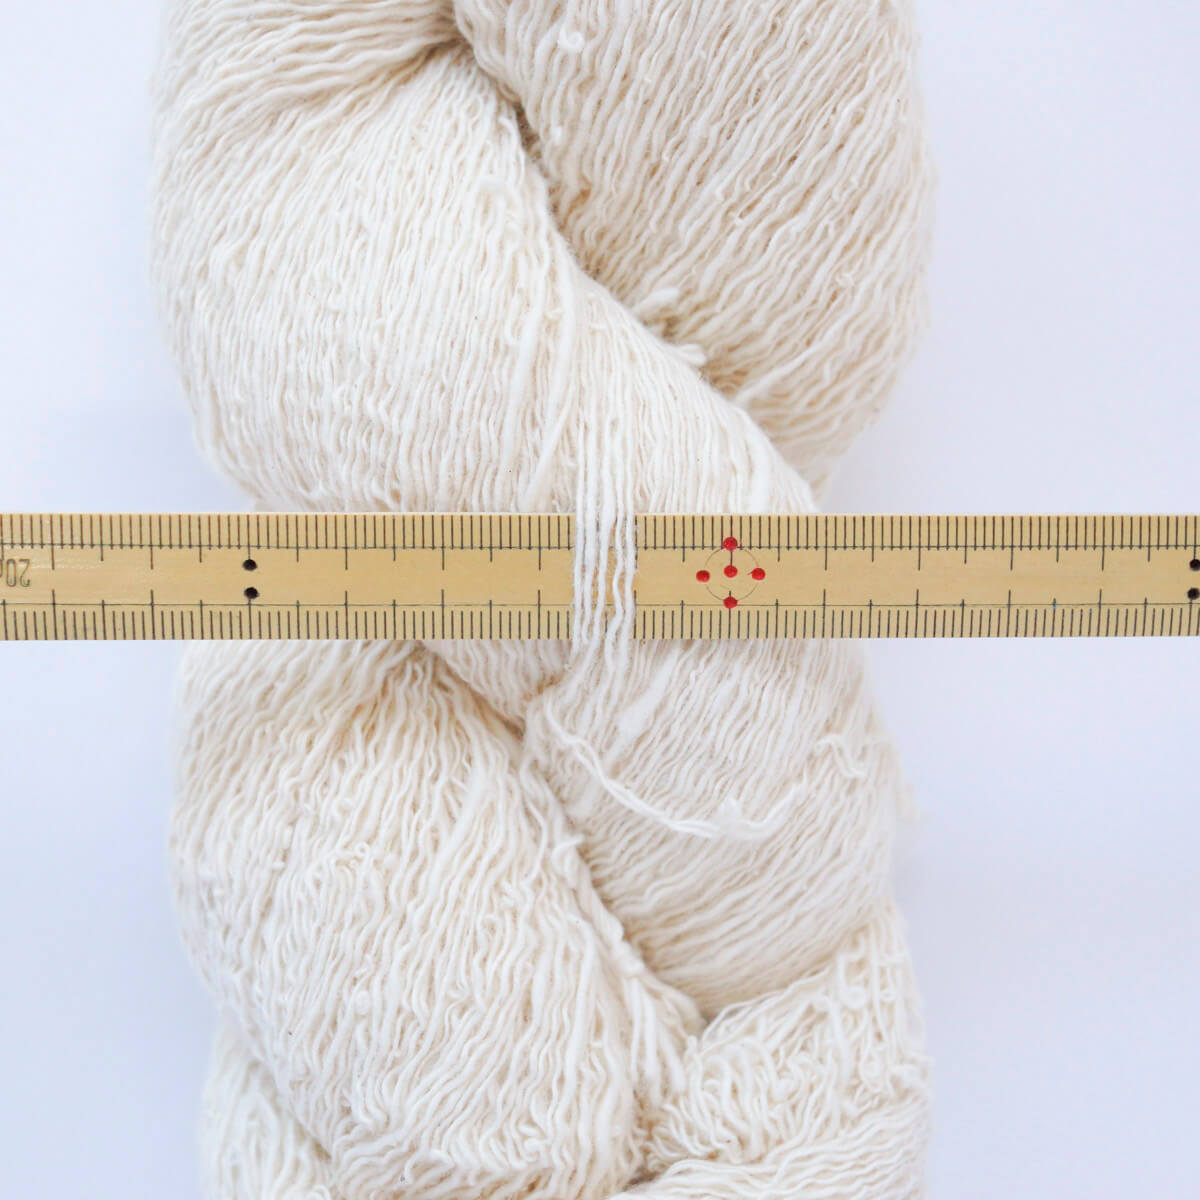 ガラ紡糸|317/2番手糸 生成